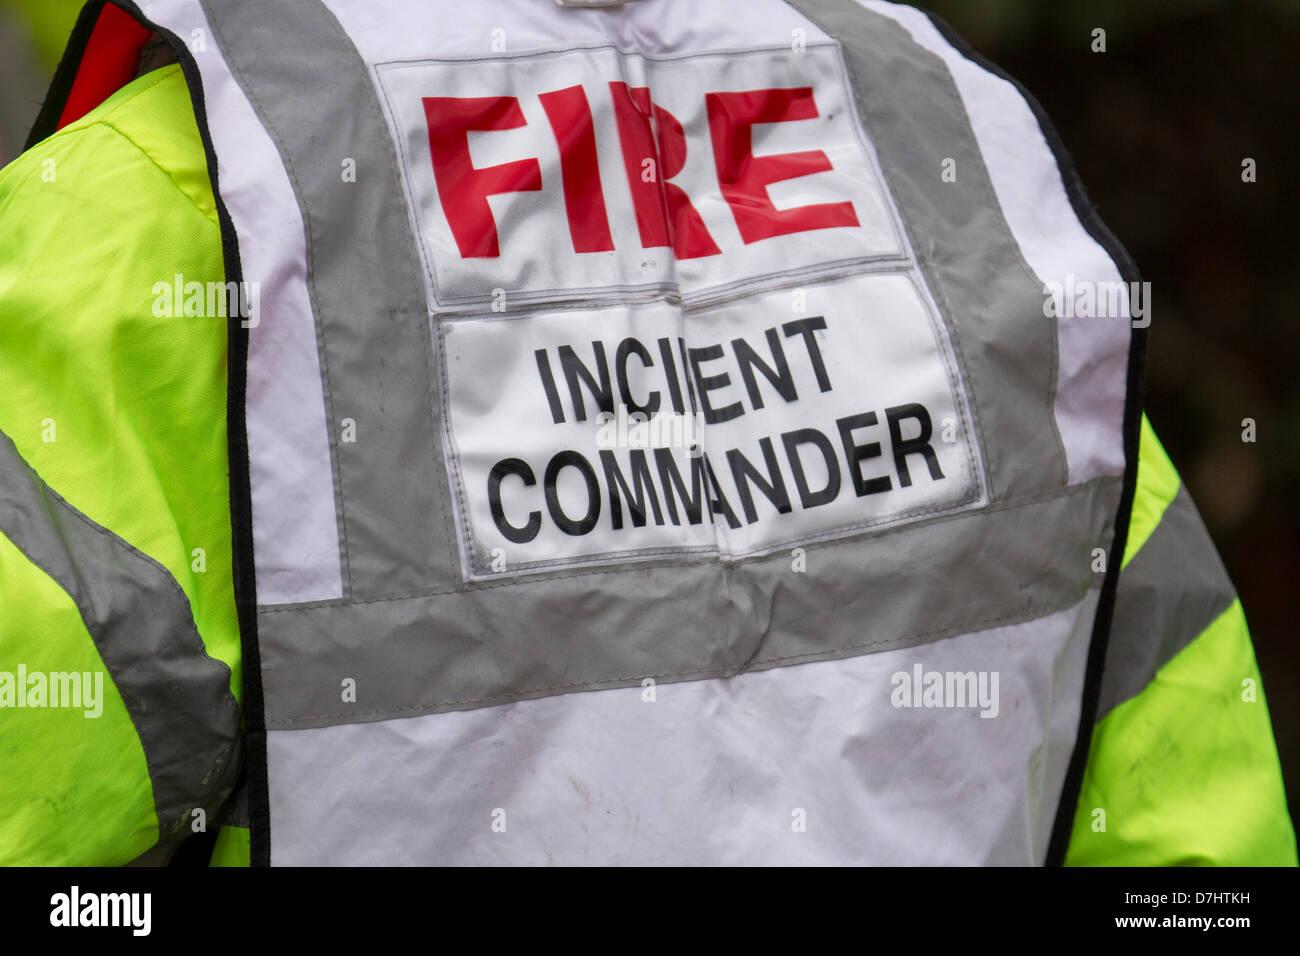 Formby, Merseyside, UK, 8. Mai, 2013. Befehl in Feuerwehr und Rettungsdienste_Brand Einsatzleiter an der Rettung Stockbild